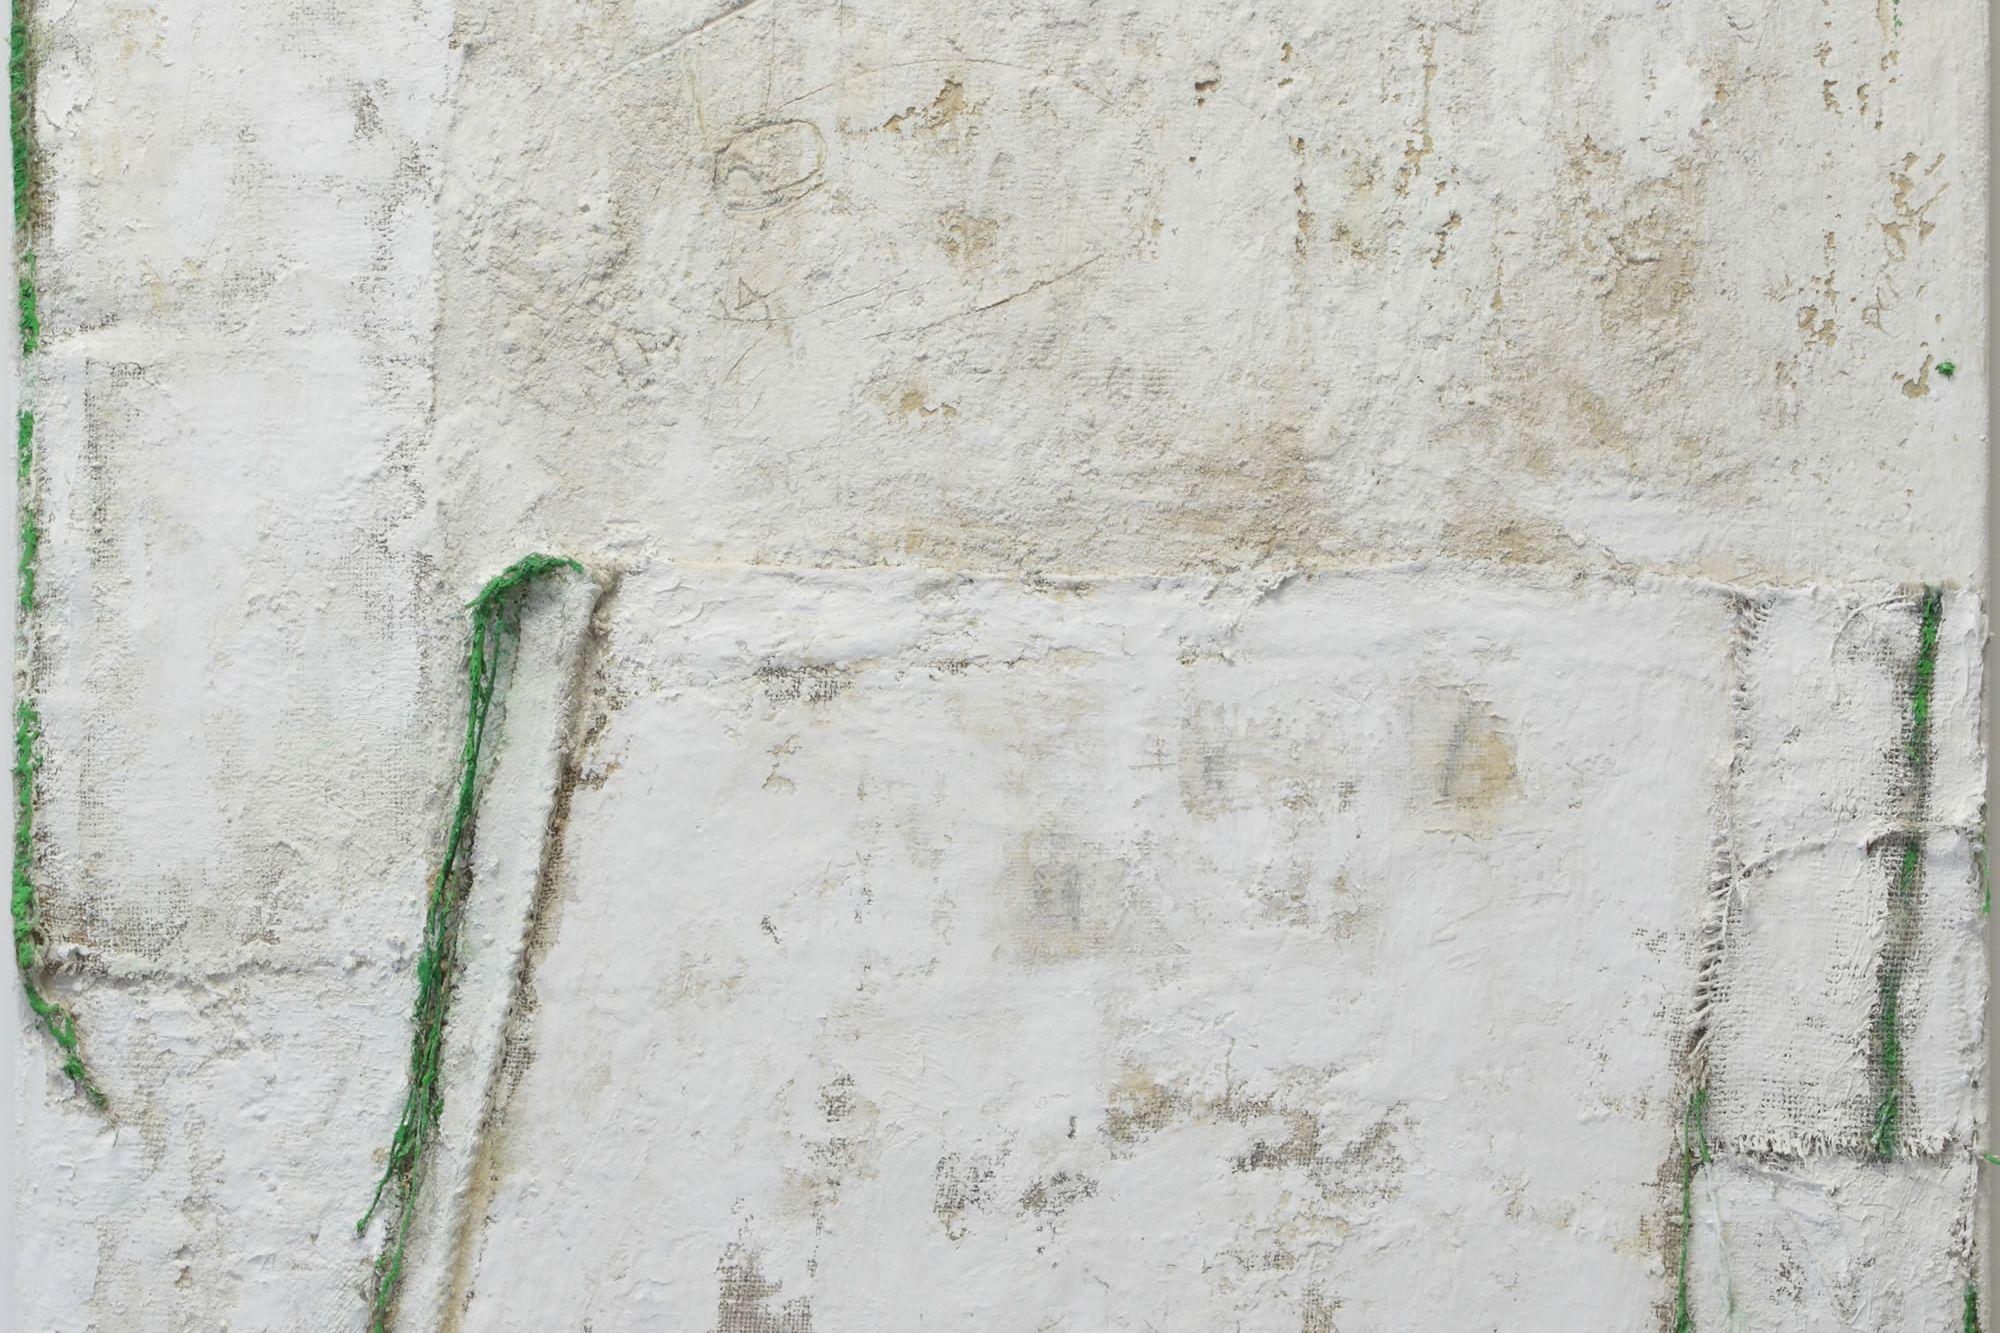 terra firma, pigment, mixed media, 2009   100 x 100cm